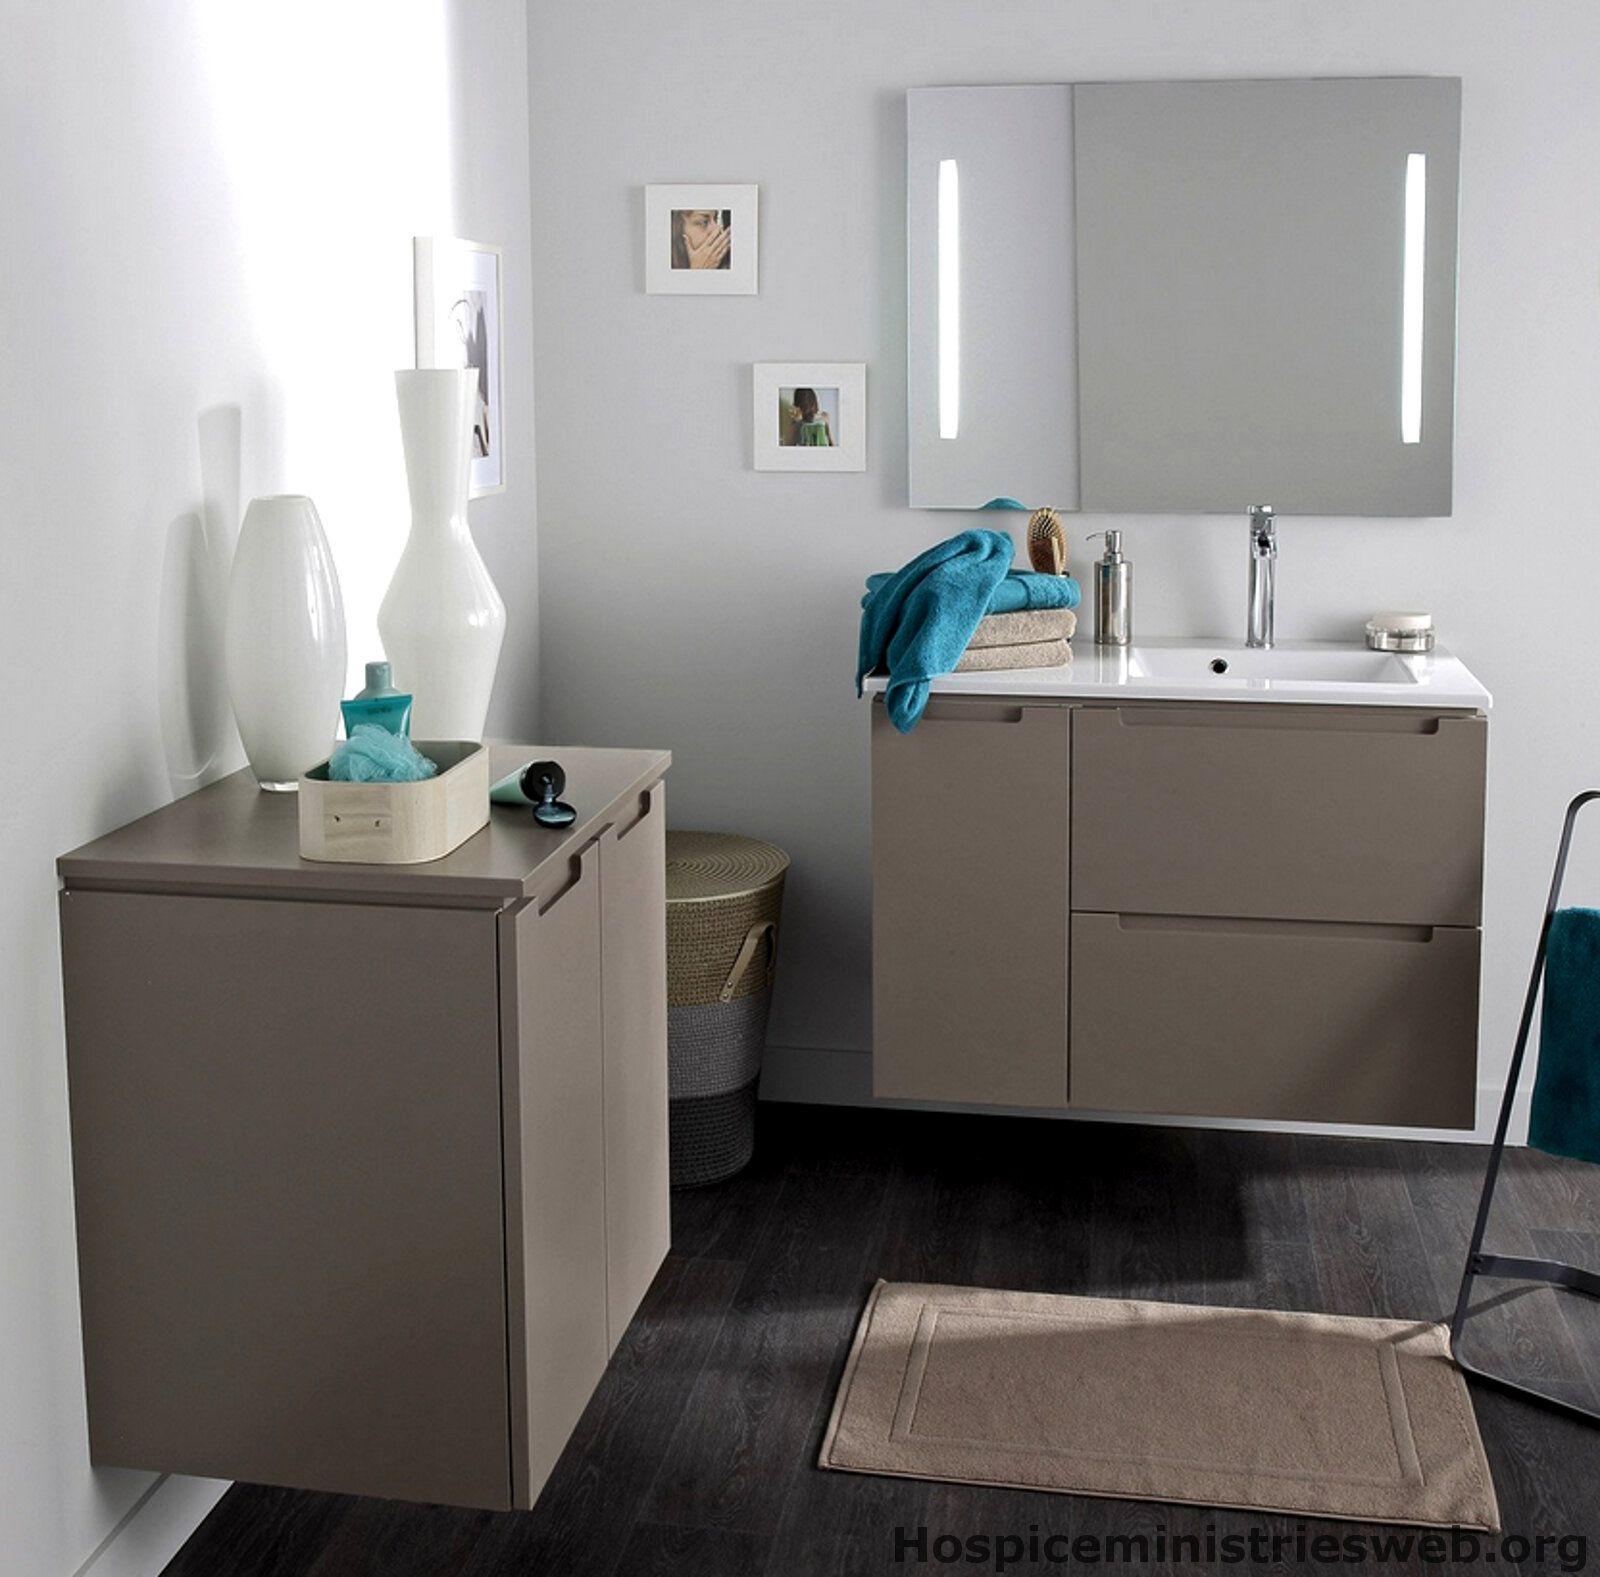 35 Ideen Für Badezimmer Braun Beige Wohn Ideen | Bad | Pinterest.